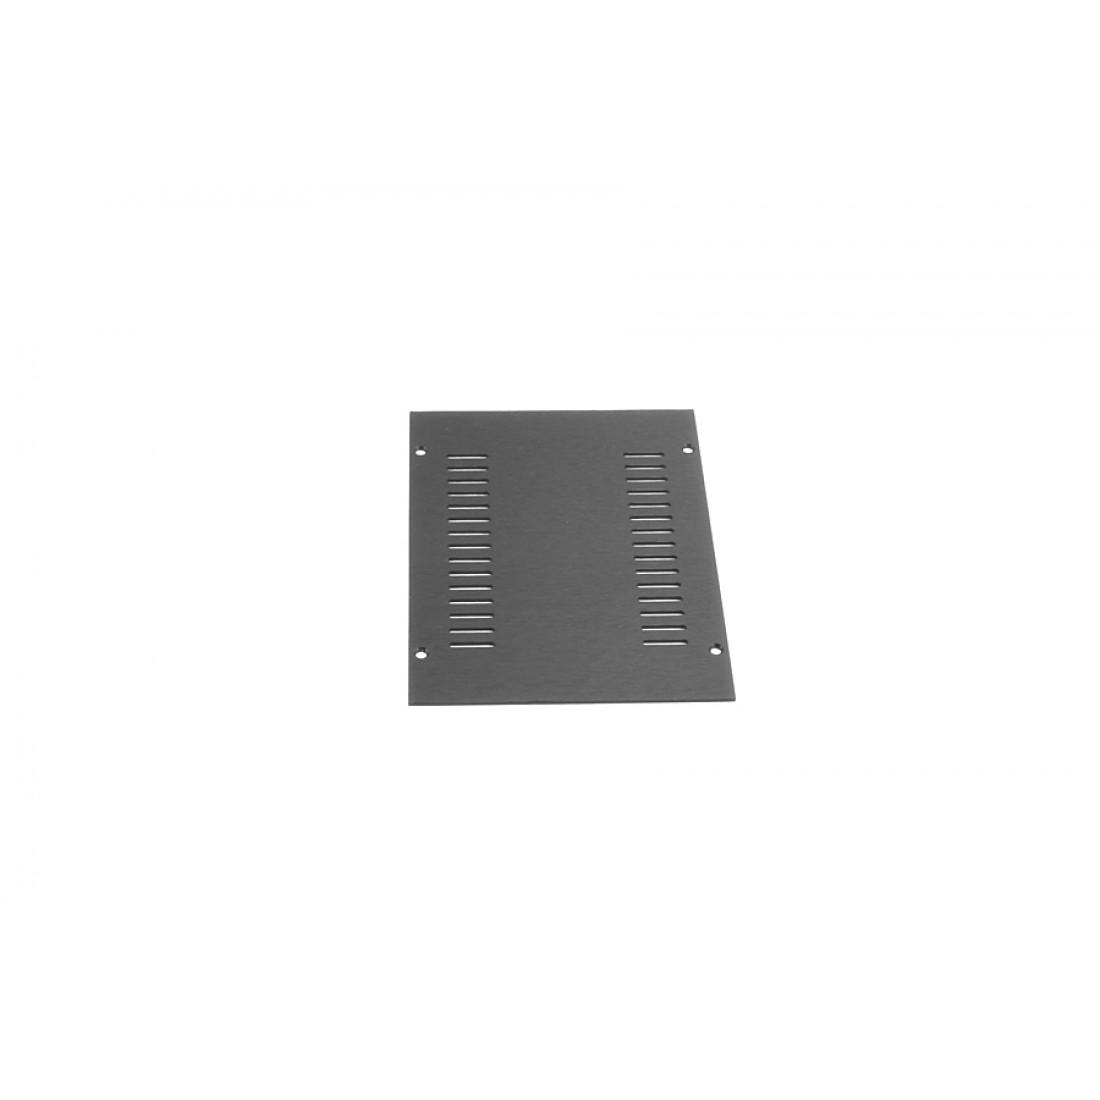 1NGXA147N - 1U Galaxy krabice, 124 x 170 x 40mm, 10mm panel černý